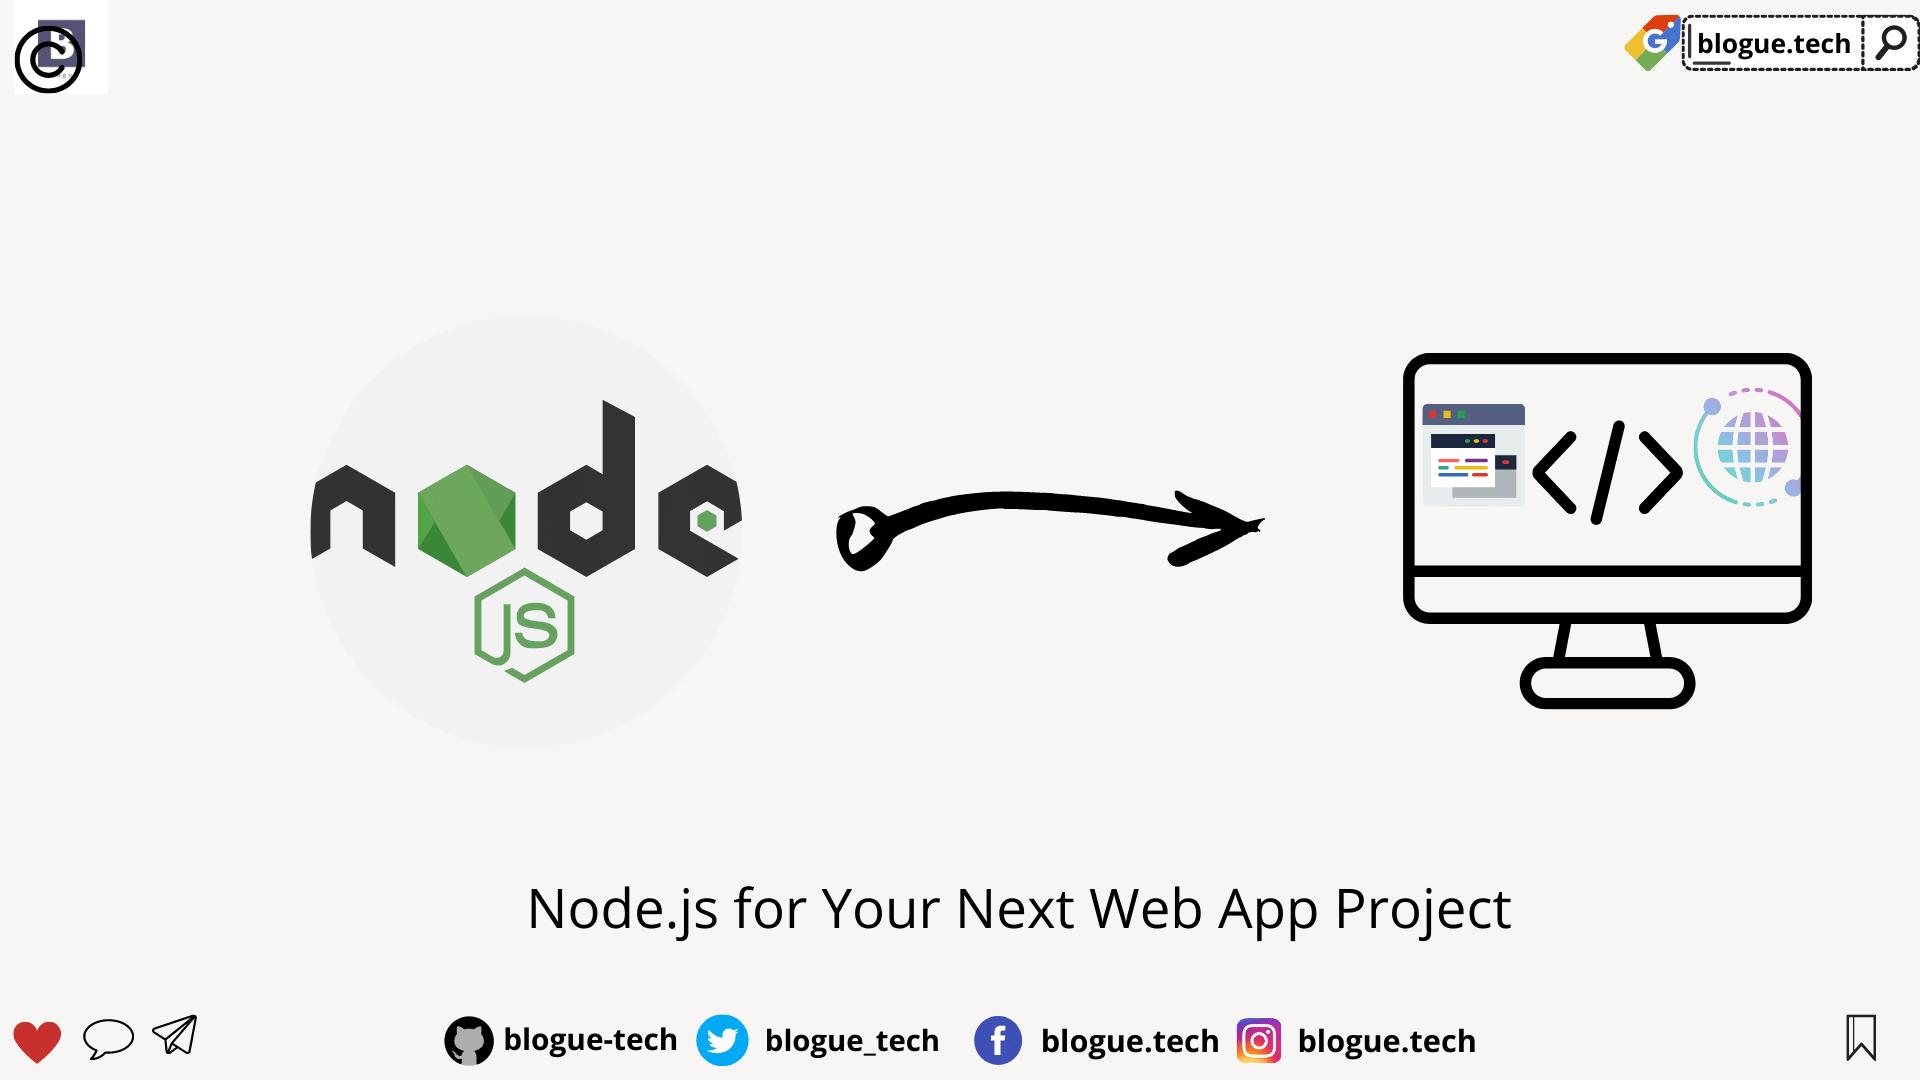 Node.js for Your Next Web App Project